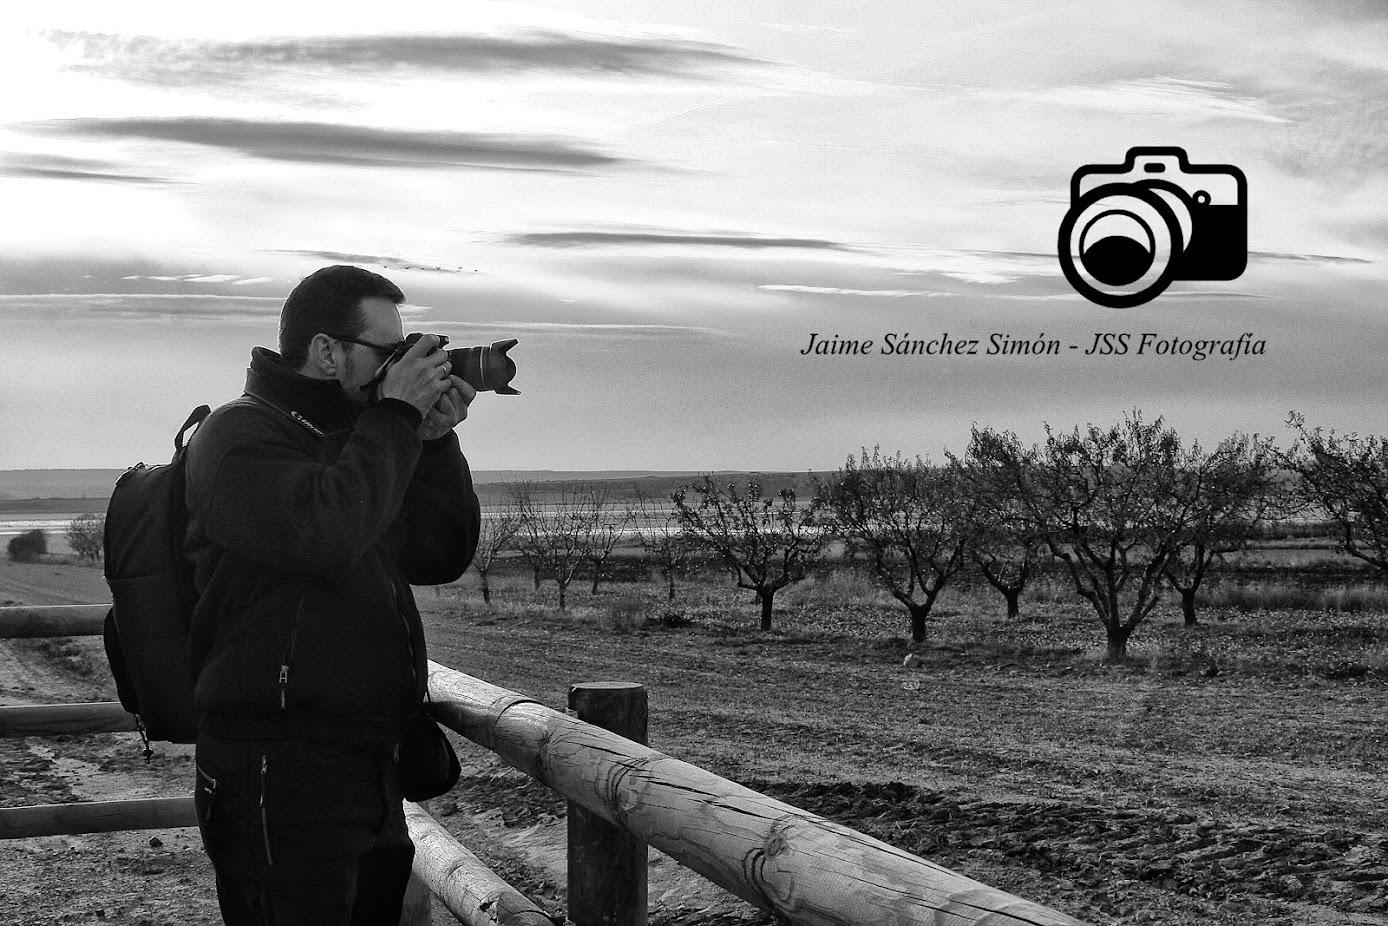 Jaime Sánchez Simón - JSS FOTOGRAFIA